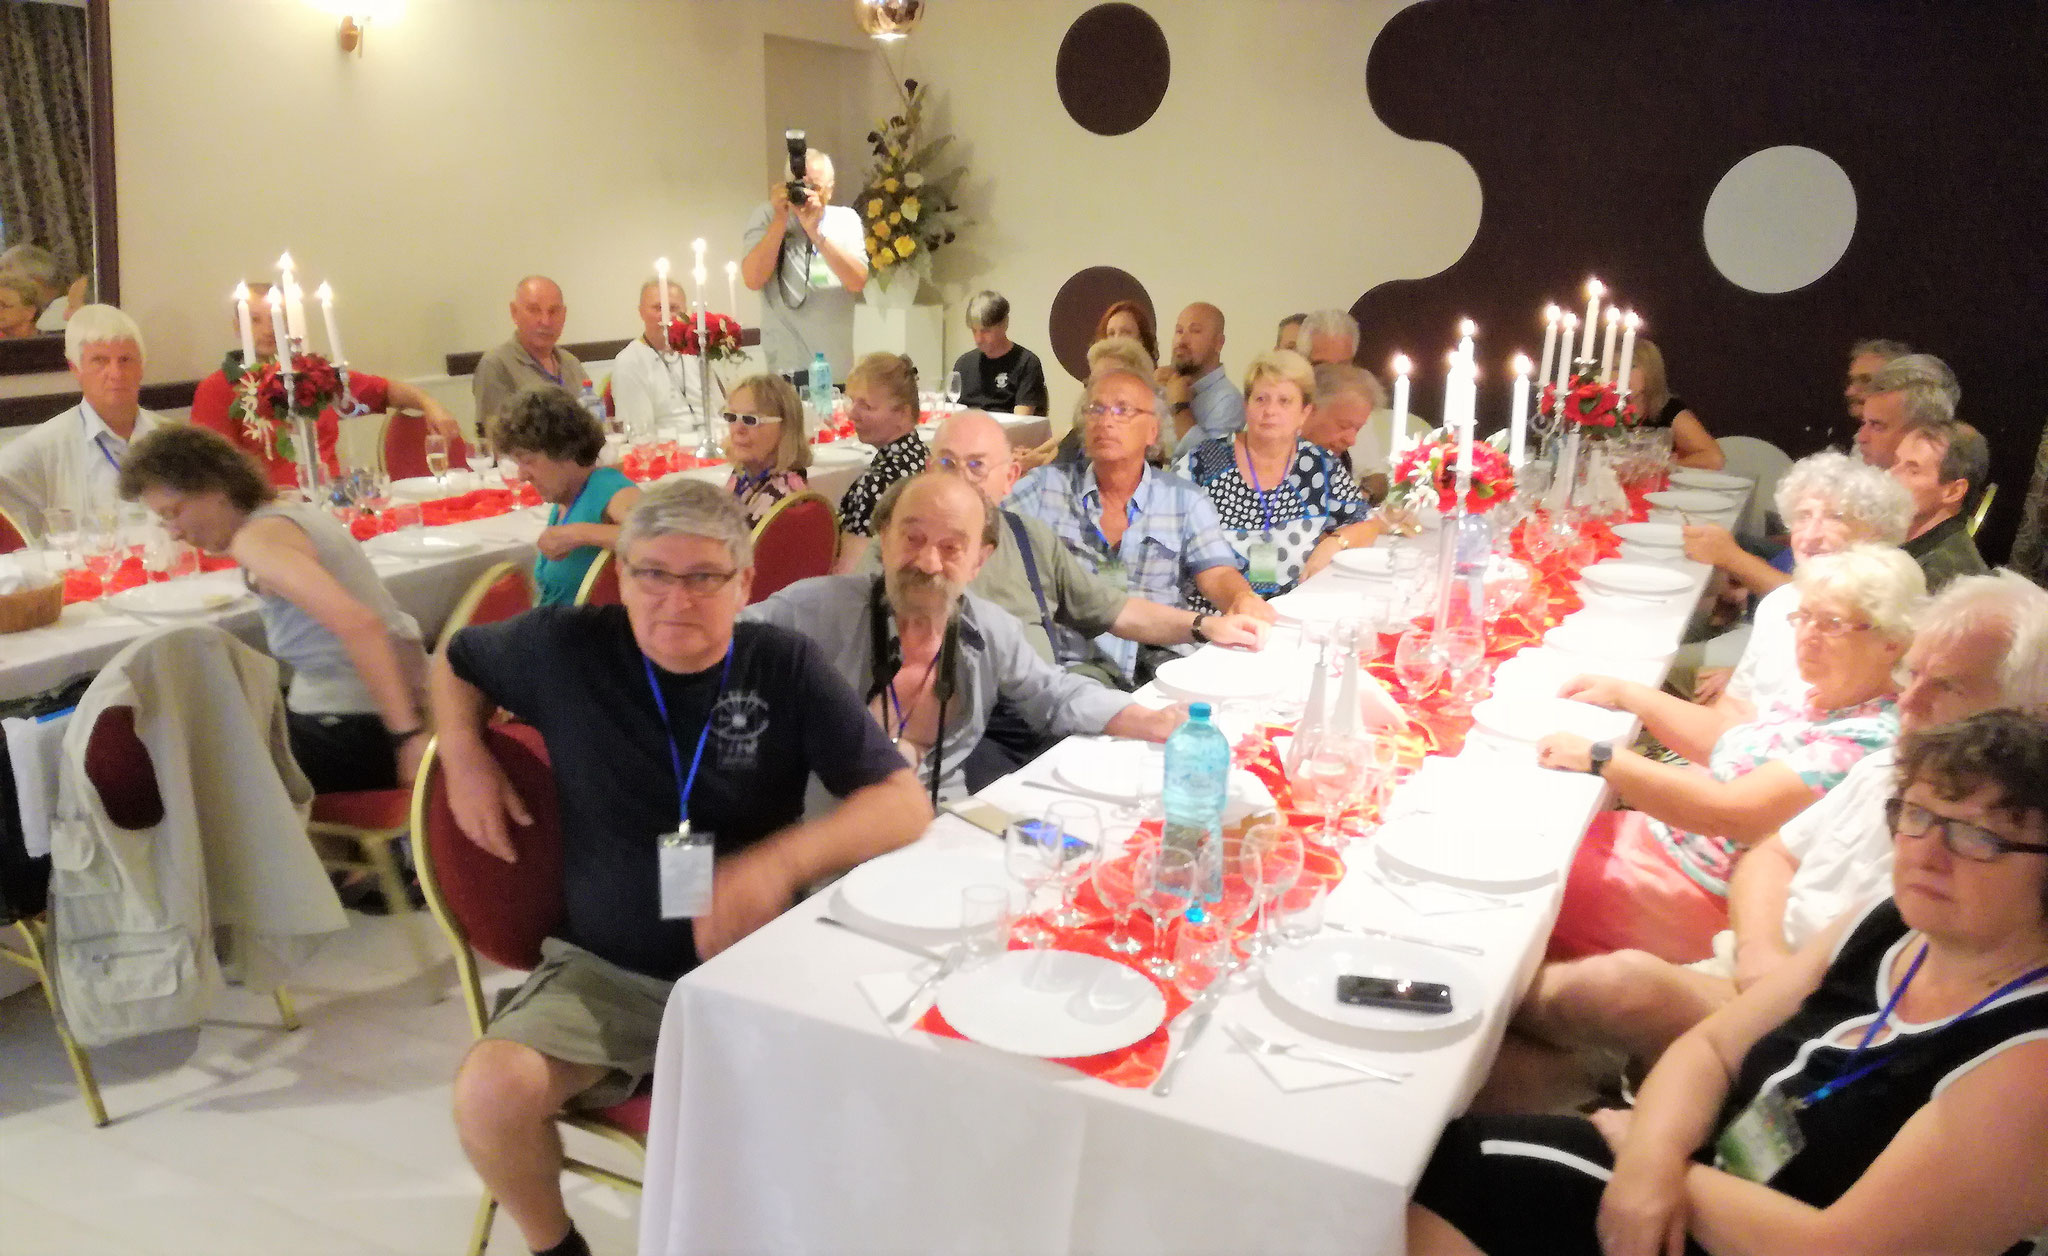 """Festivitatea de închidere la Restaurantul """"Nevis"""" Oradea/ Closing Ceremony at the """"Nevis"""" Restaurant from Oradea/ Záró ünnepség a Nagyváradi """"Nevis"""" vendéglőben."""